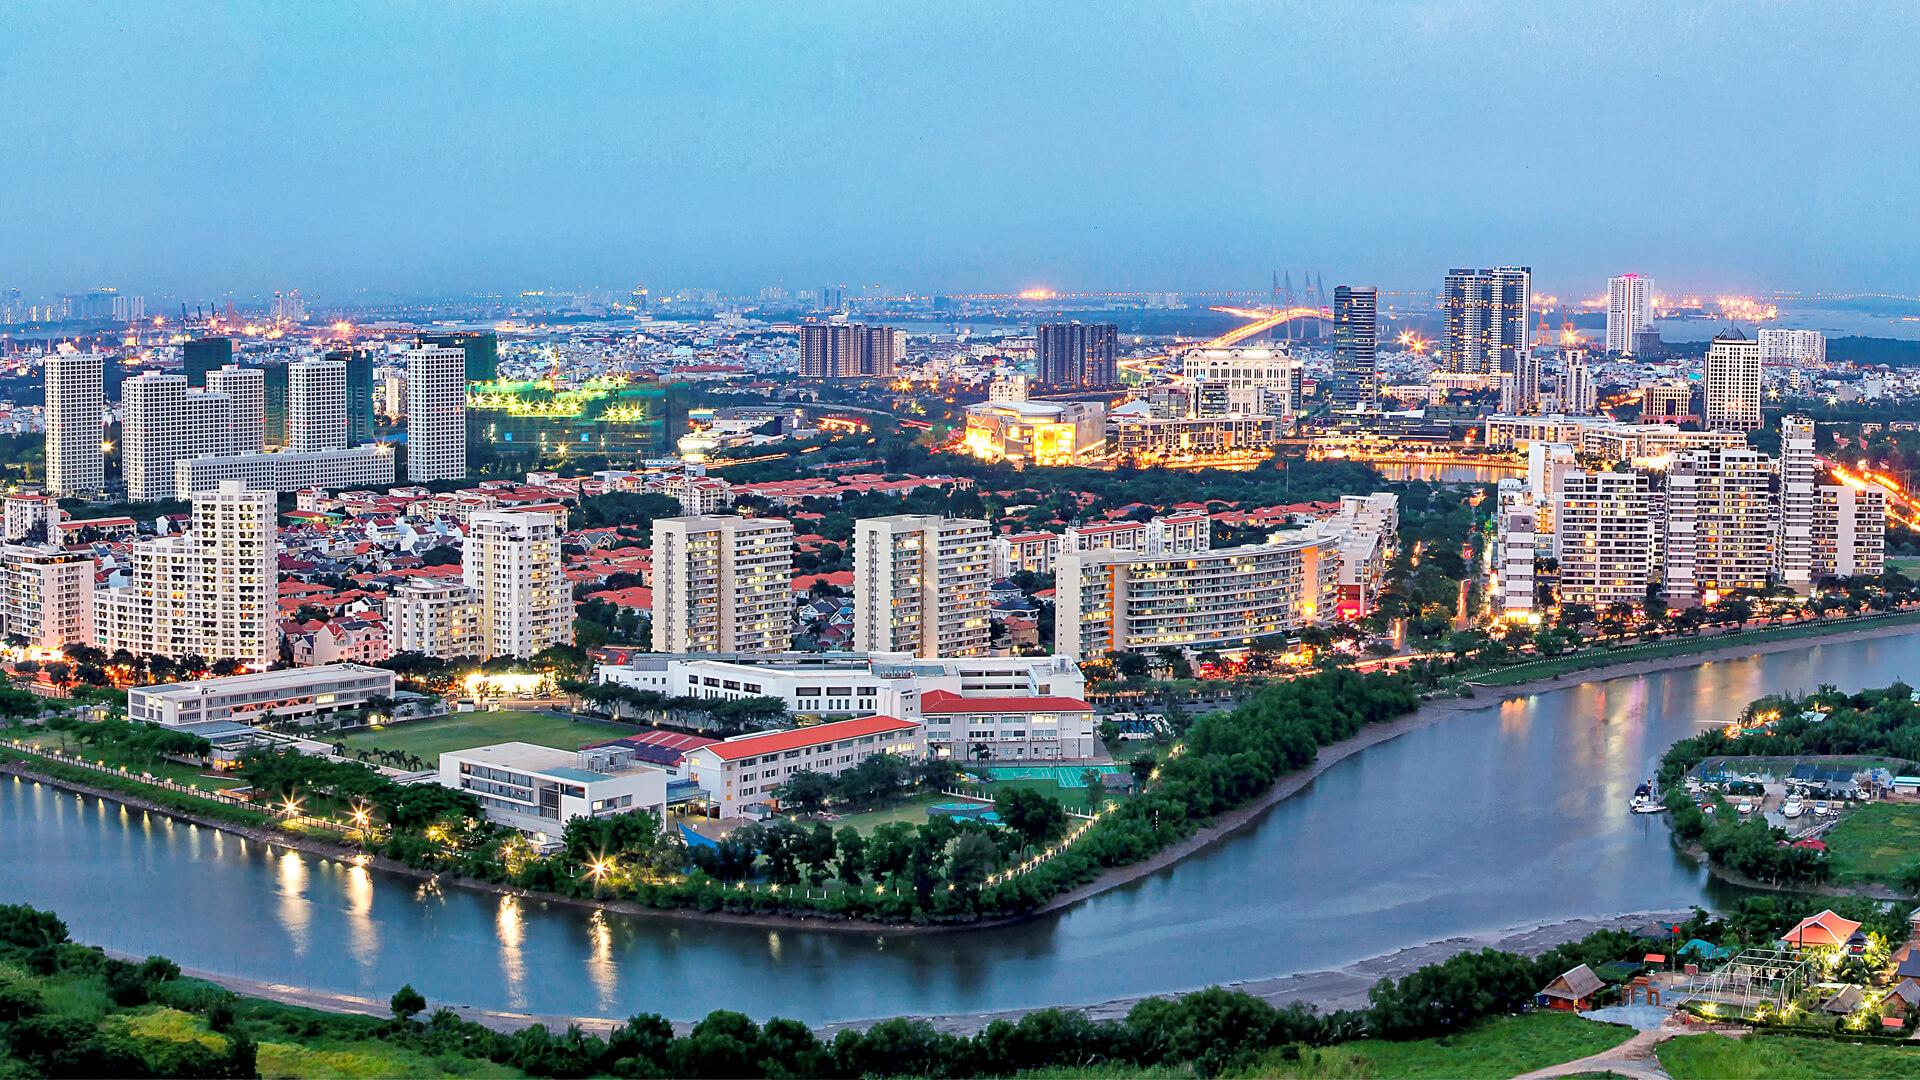 Giới thiệu khu đô thị Phú Mỹ Hưng